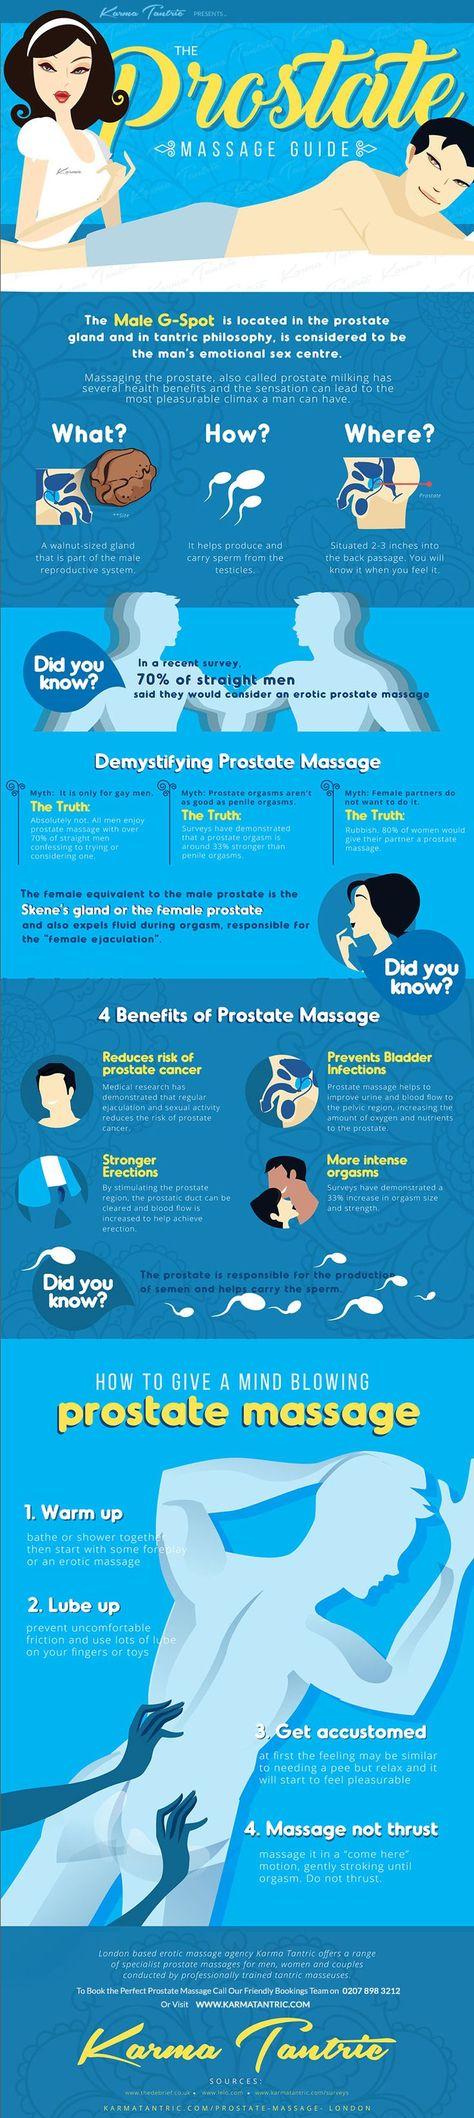 Date Tips Prostata Massasje - mariamil, Ålder:34